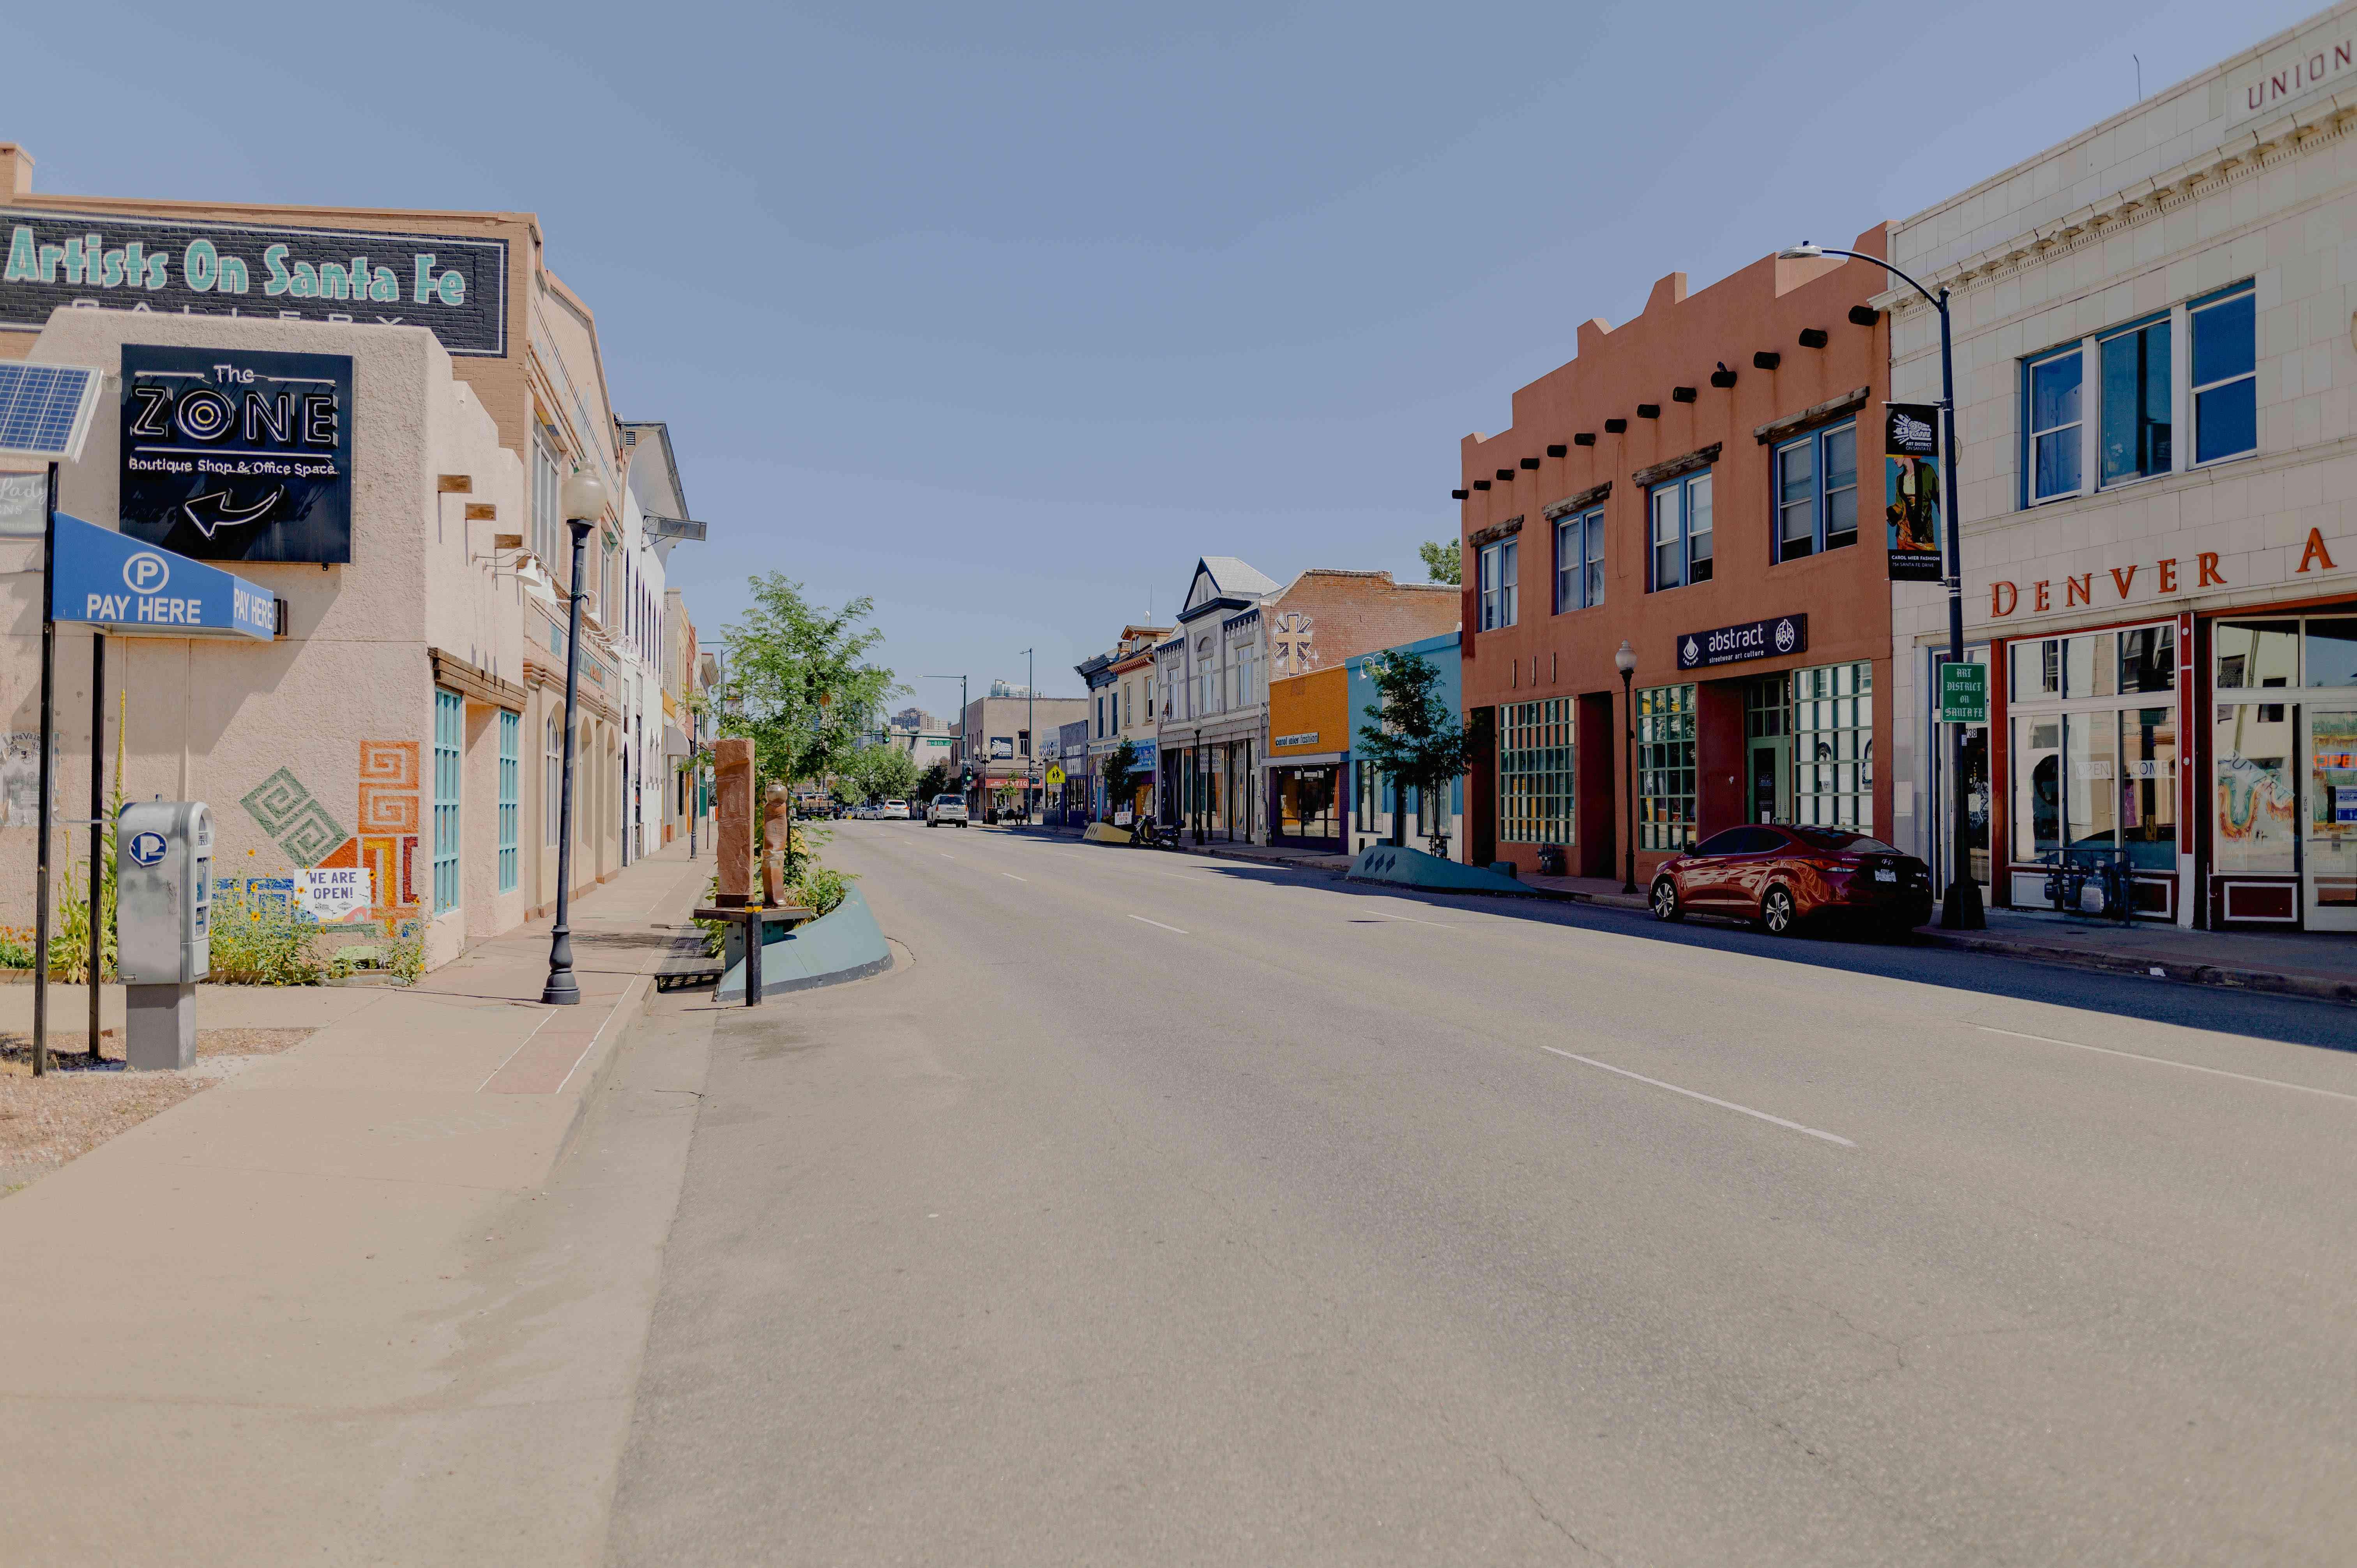 Sante Fe Arts District, Denver Colorado